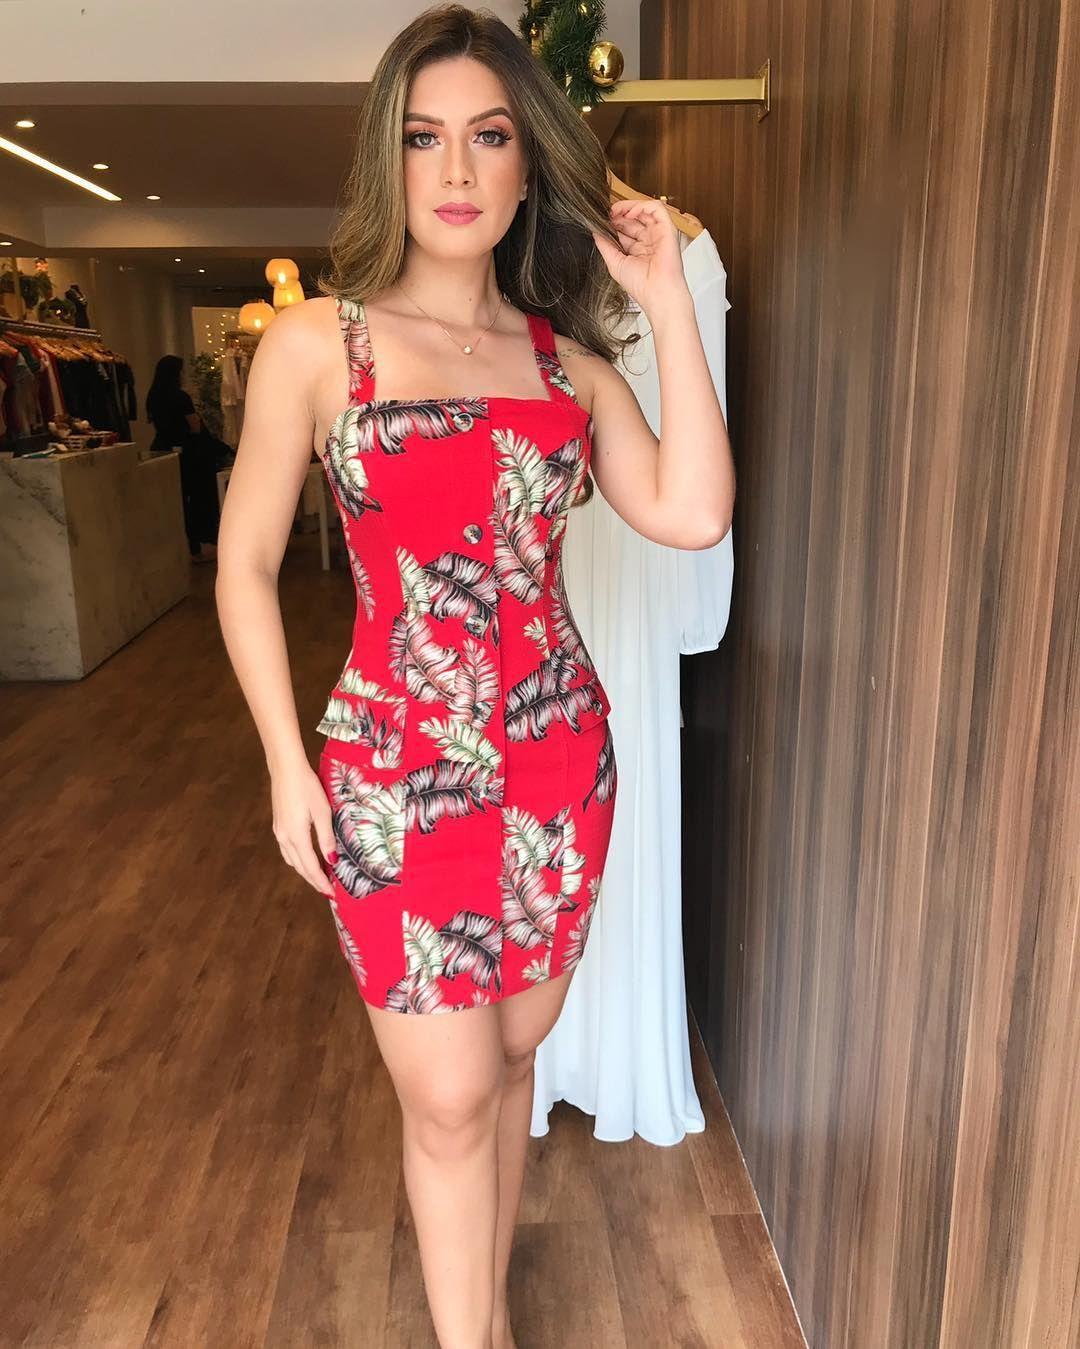 f4281d284f1f7 Empório Fashion 👗 Vestido Básico, Vestido Florido, Vestido Curto, Roupas  Confortáveis, Moda